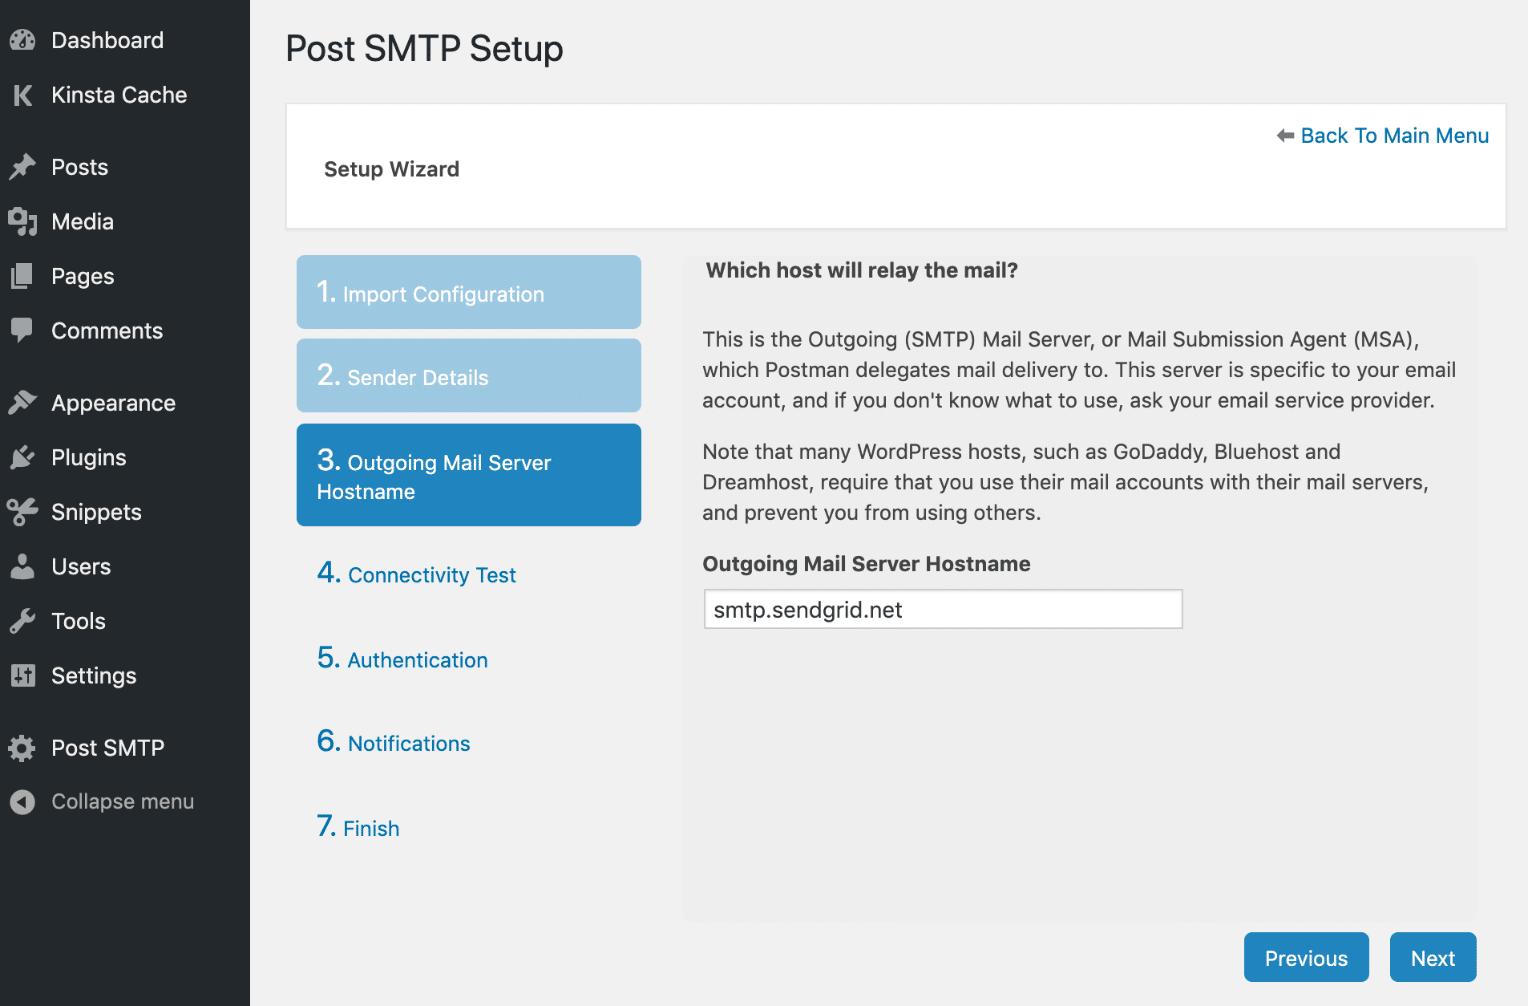 Hostnamen des ausgehenden Post SMTP-Mail-Servers